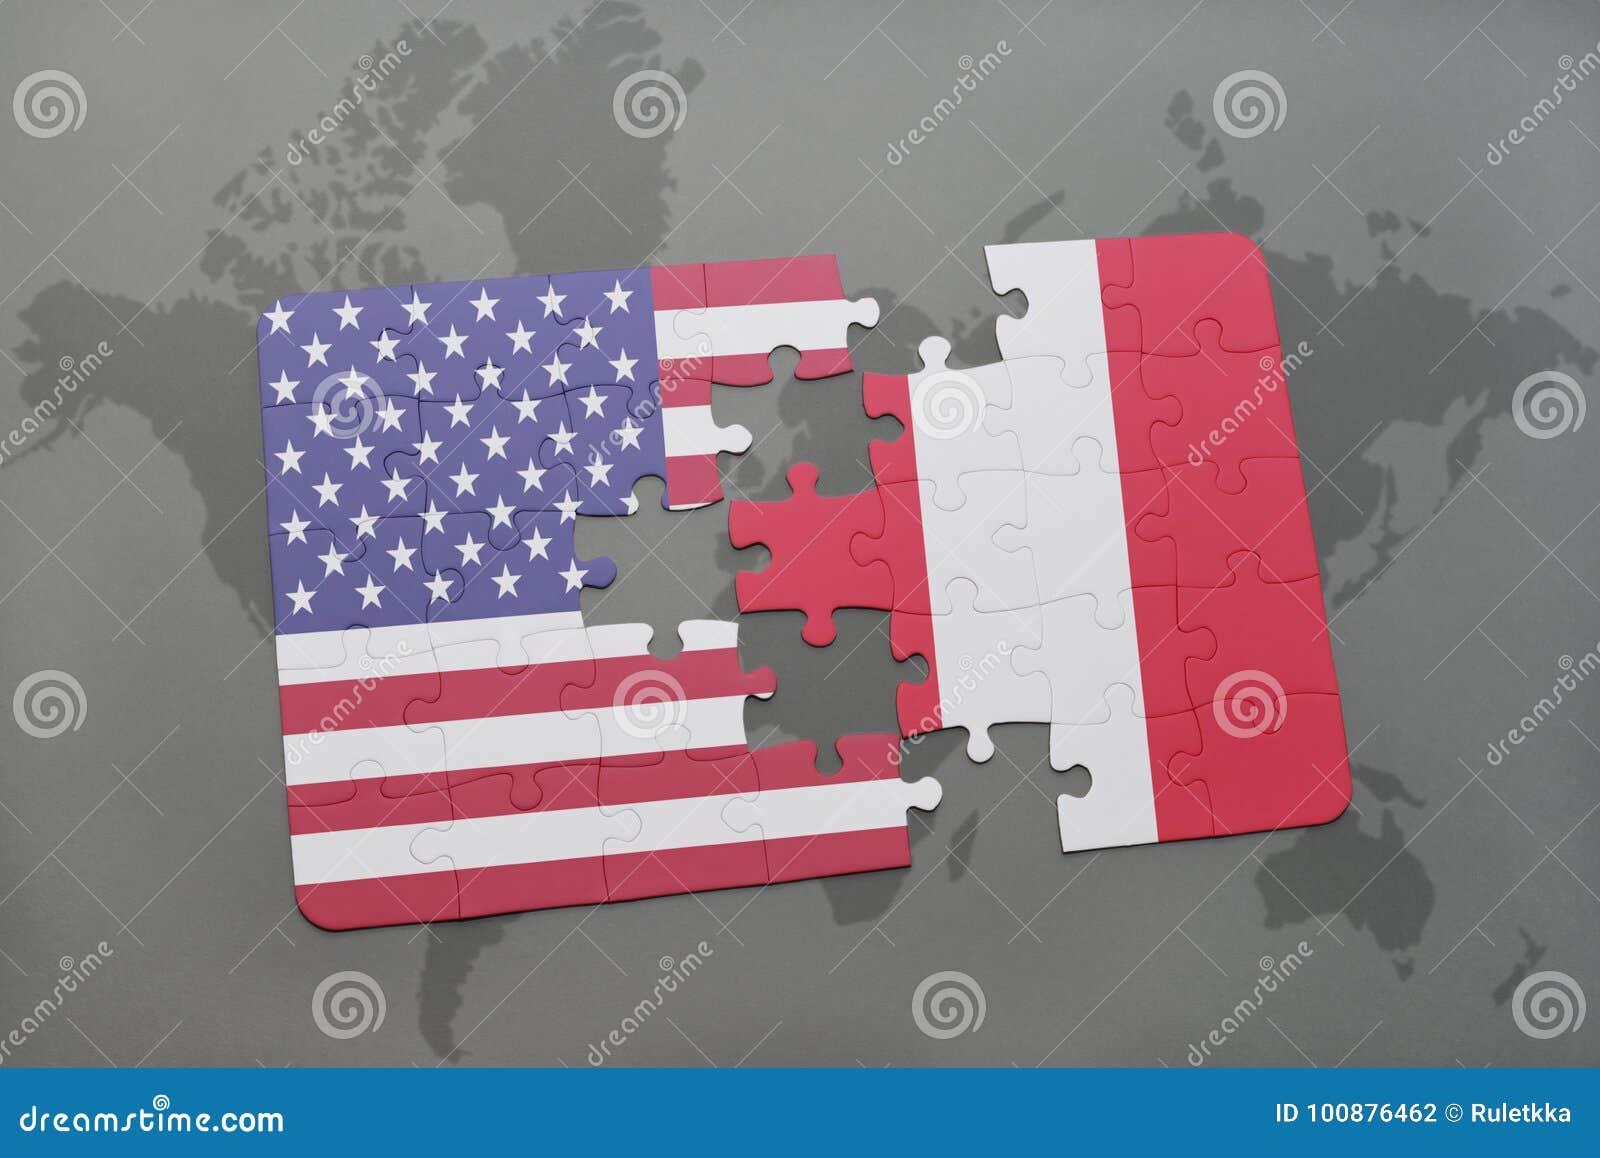 Het raadsel met de nationale vlag van de Verenigde Staten van Amerika en Peru op een wereld brengen achtergrond in kaart